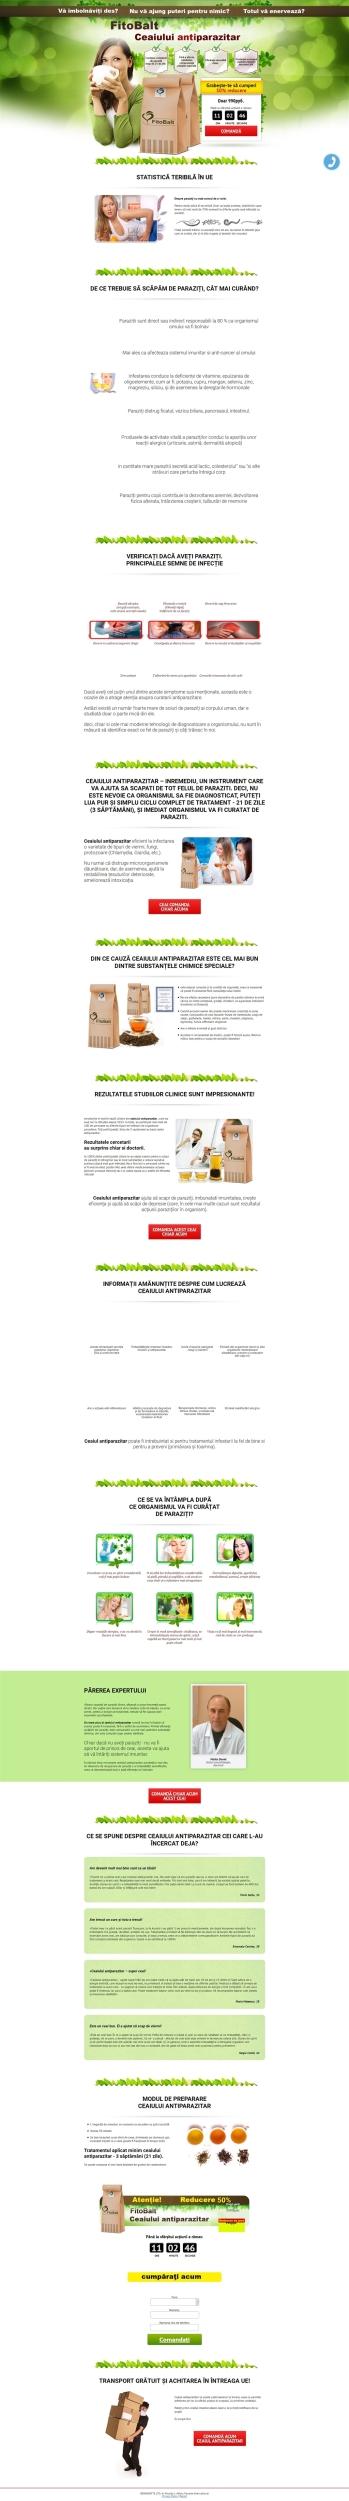 cronologie de tratament helmint